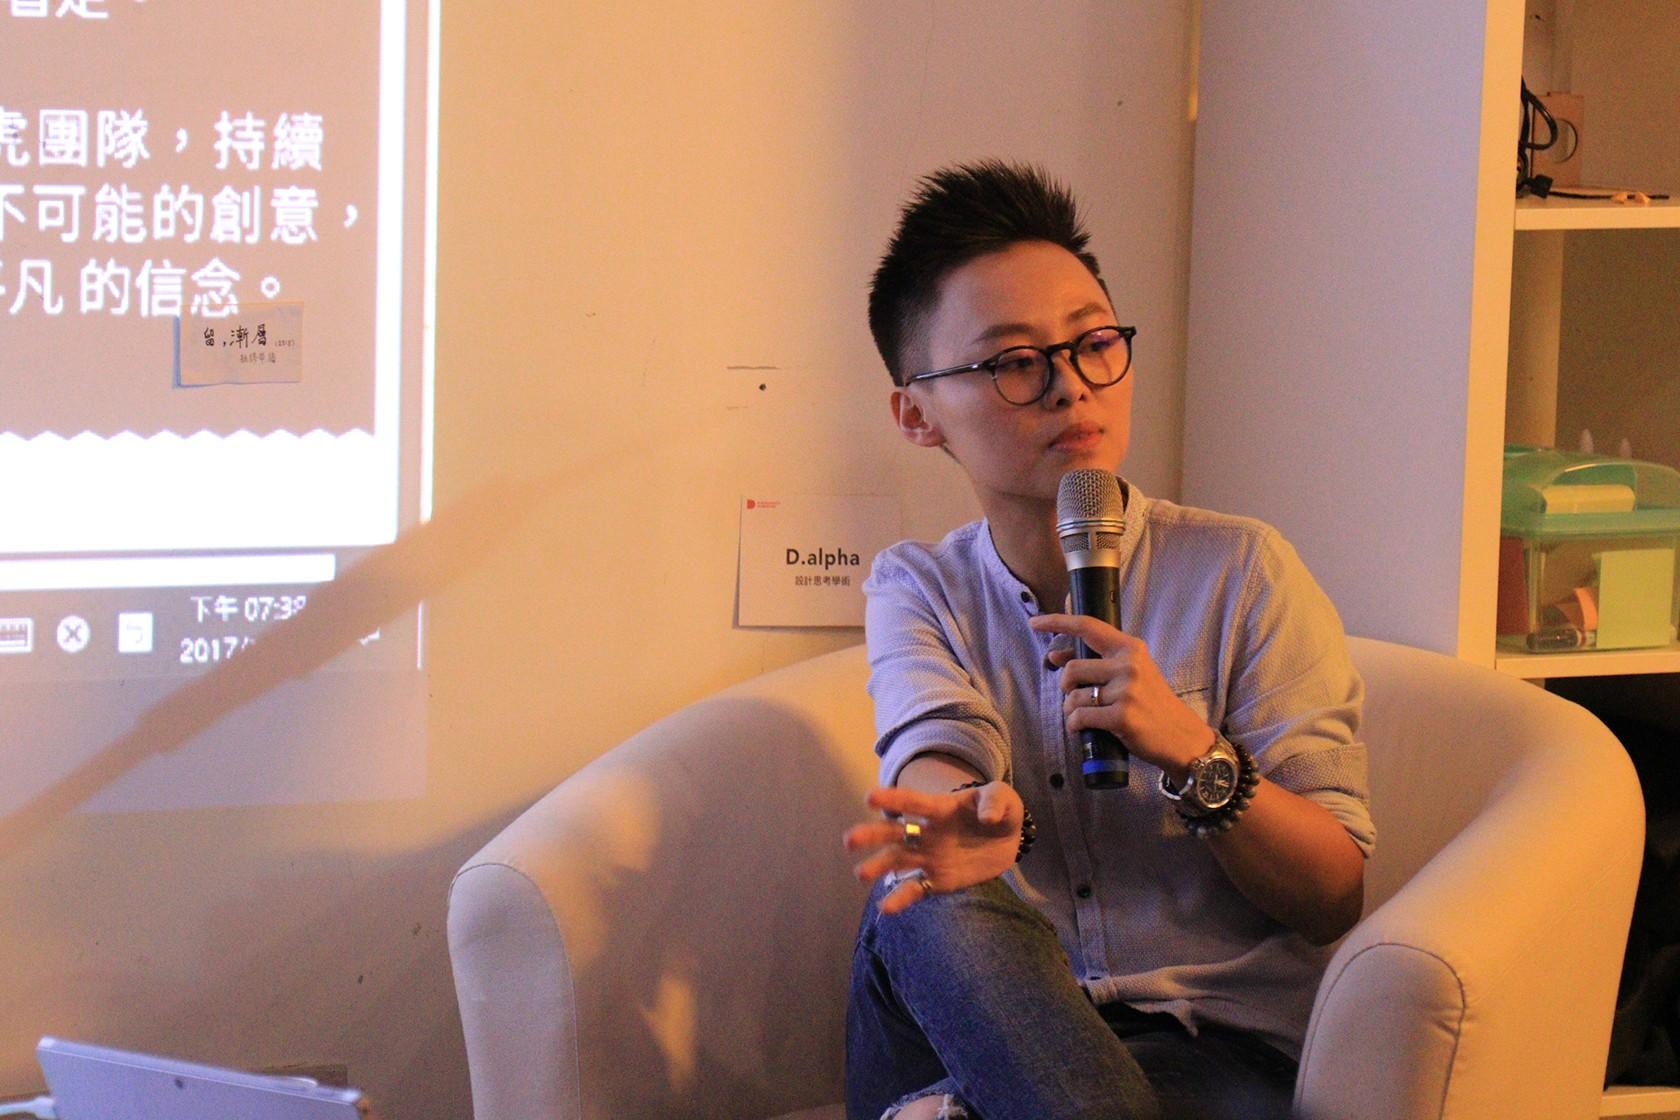 11.28聊天Bar-虎虎生風的行銷企劃